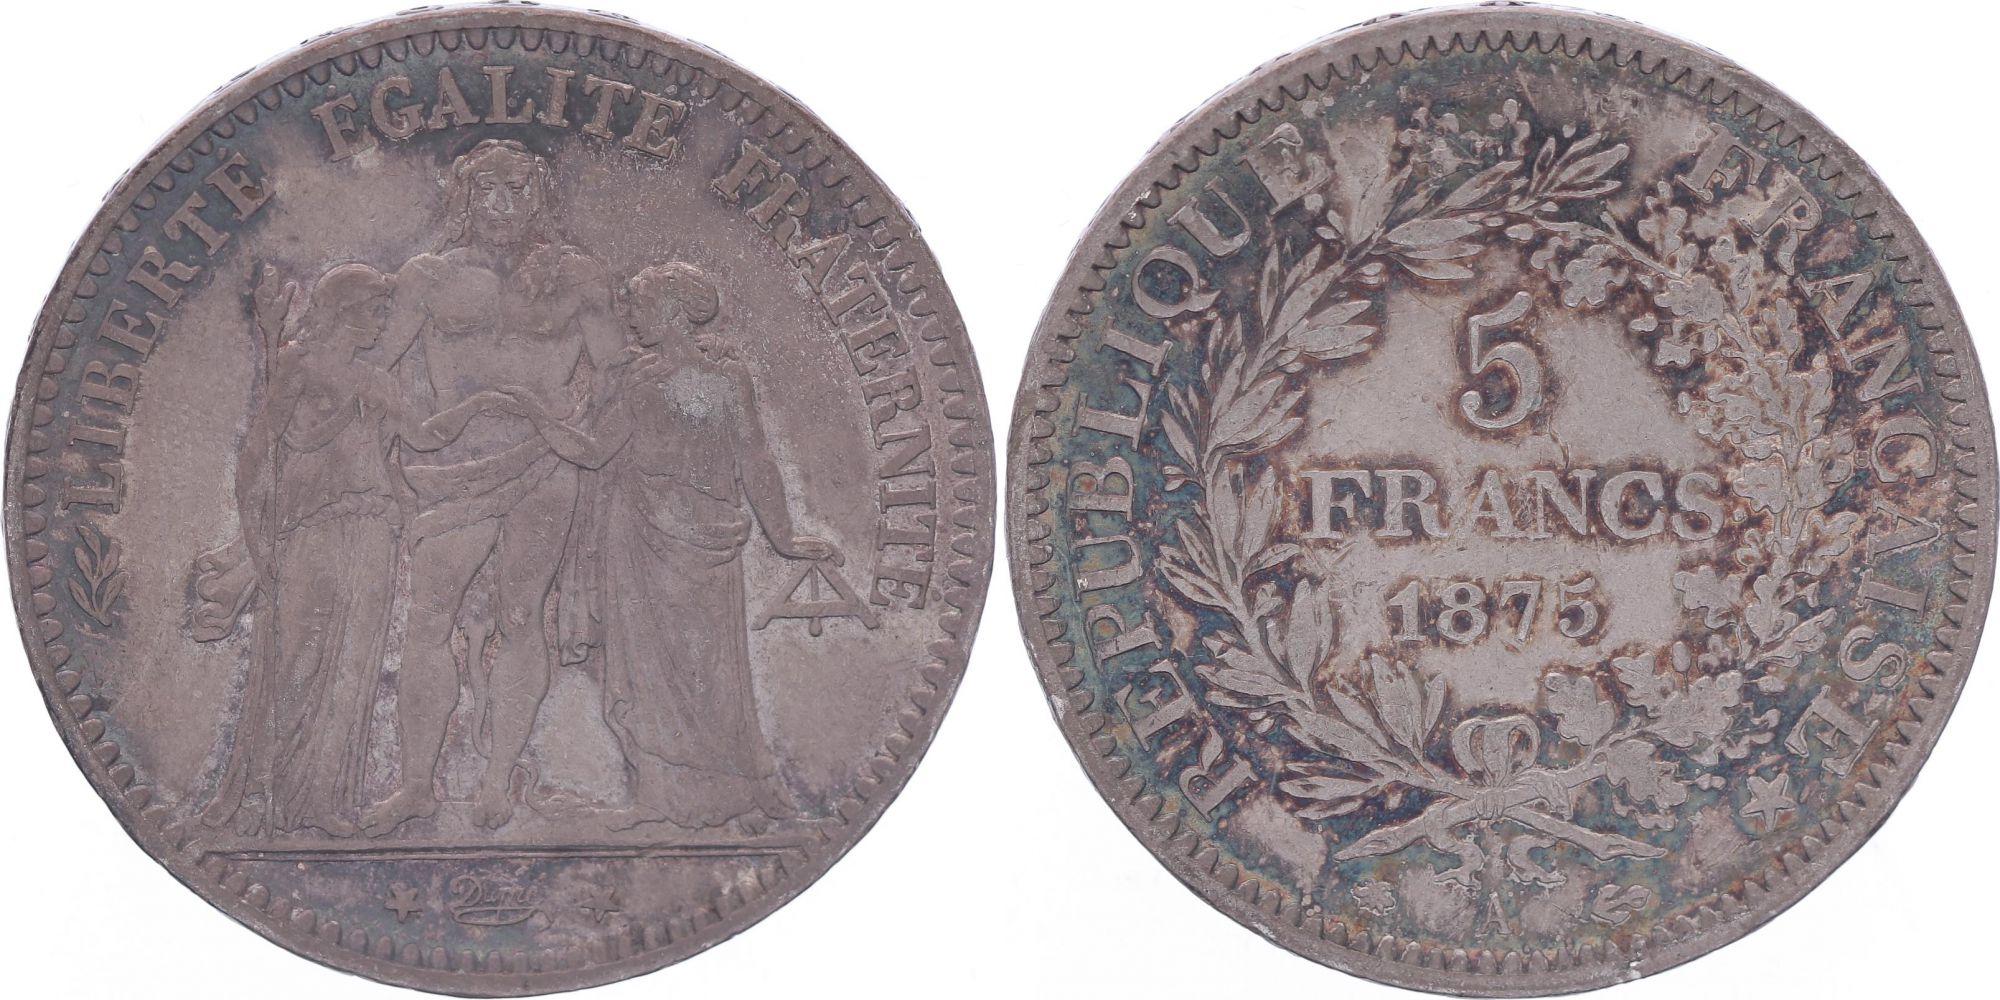 France 5 Francs Hercules - Third Republic - 1875 A Paris - F+